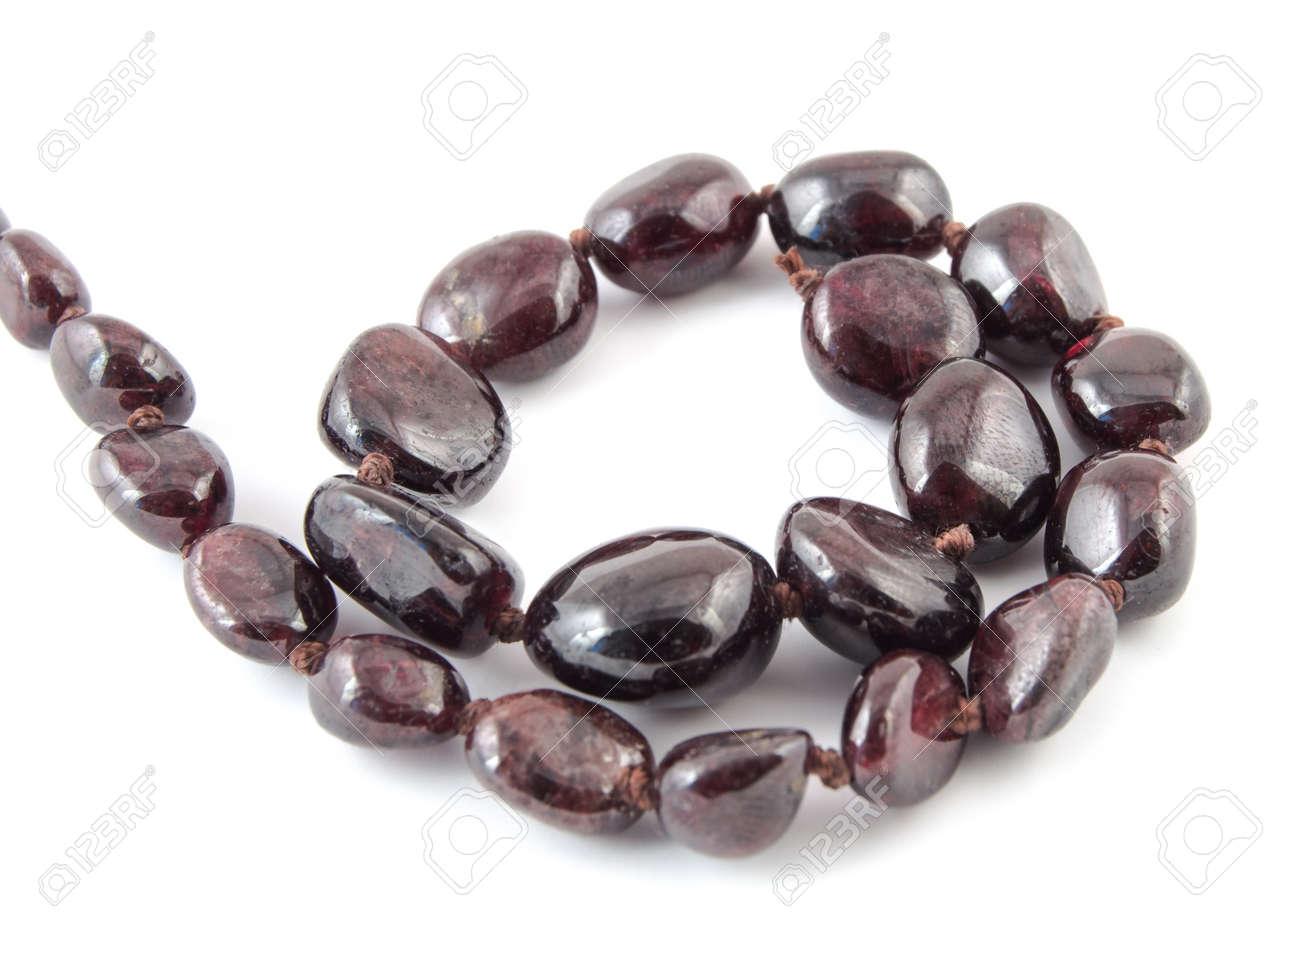 Perlen Aus Naturlichen Edelstein Granat Auf Weissem Hintergrund